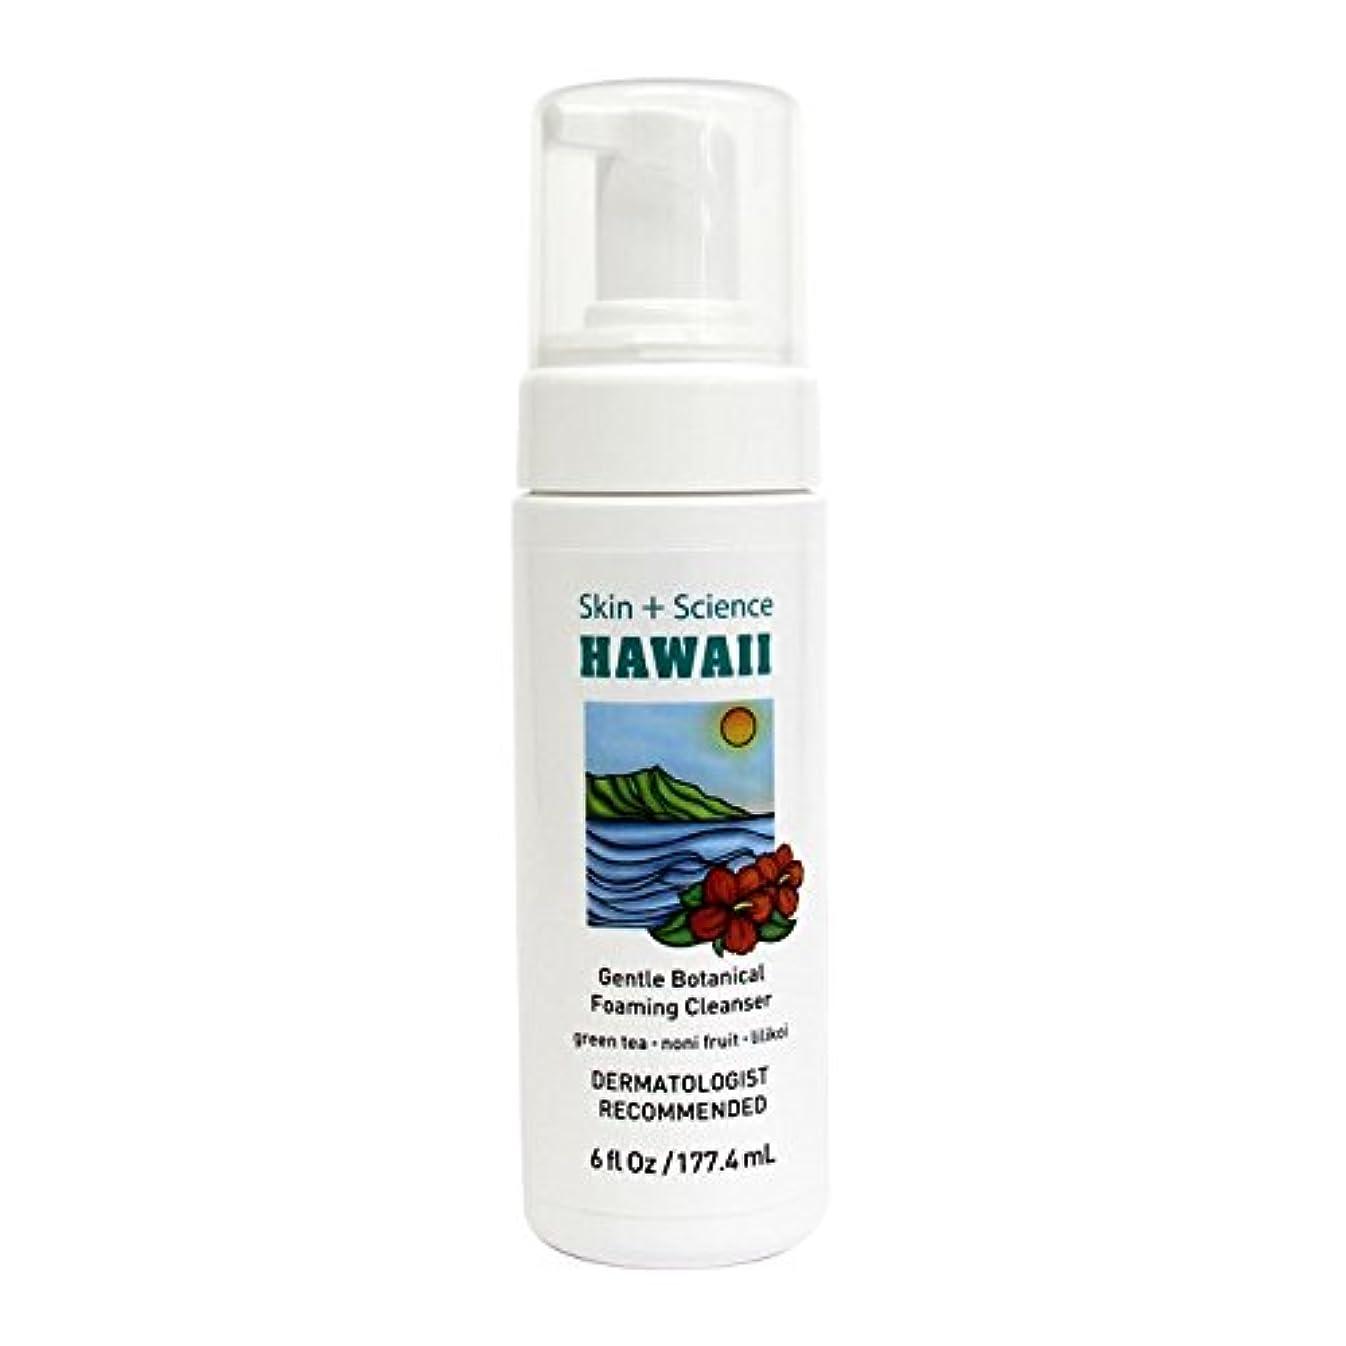 気候豊富な厚さスキンサイエンス ハワイ ボタニカルフォーミングクレンザー 177.4ml